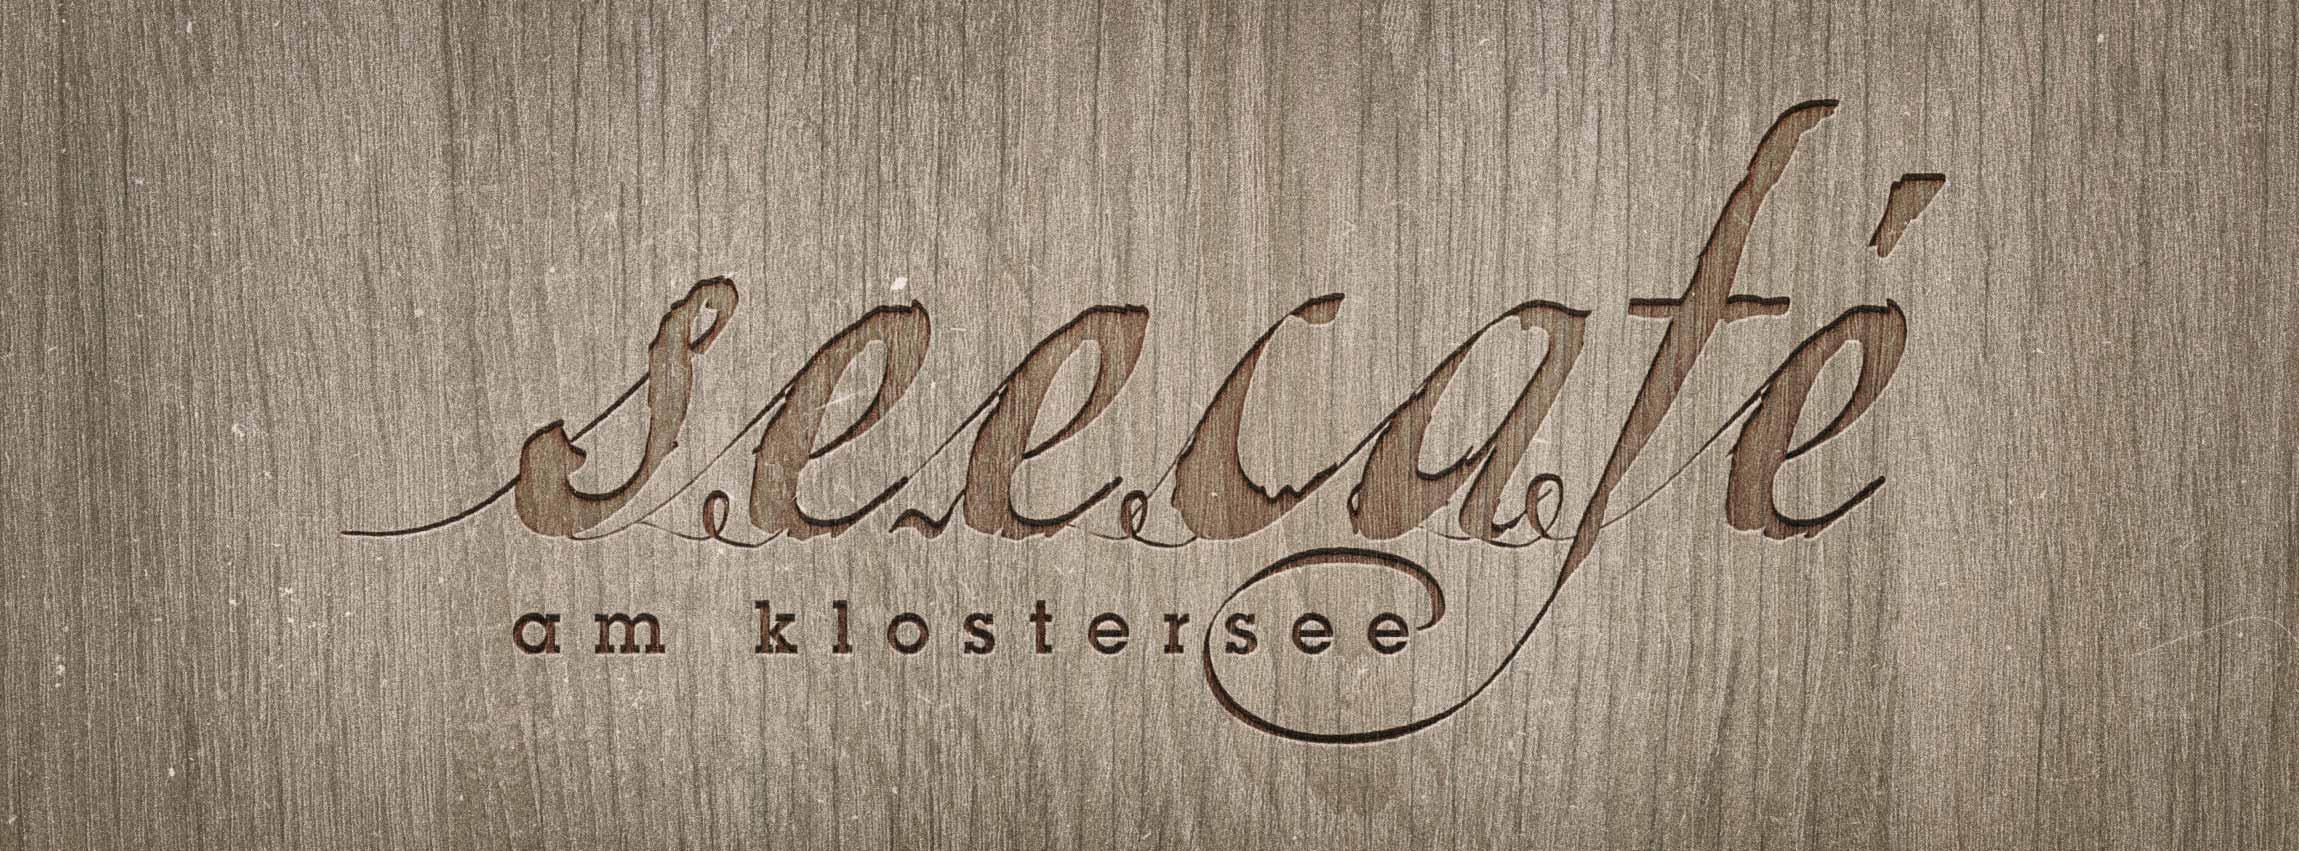 Seecafé Klostersee Ebersberg